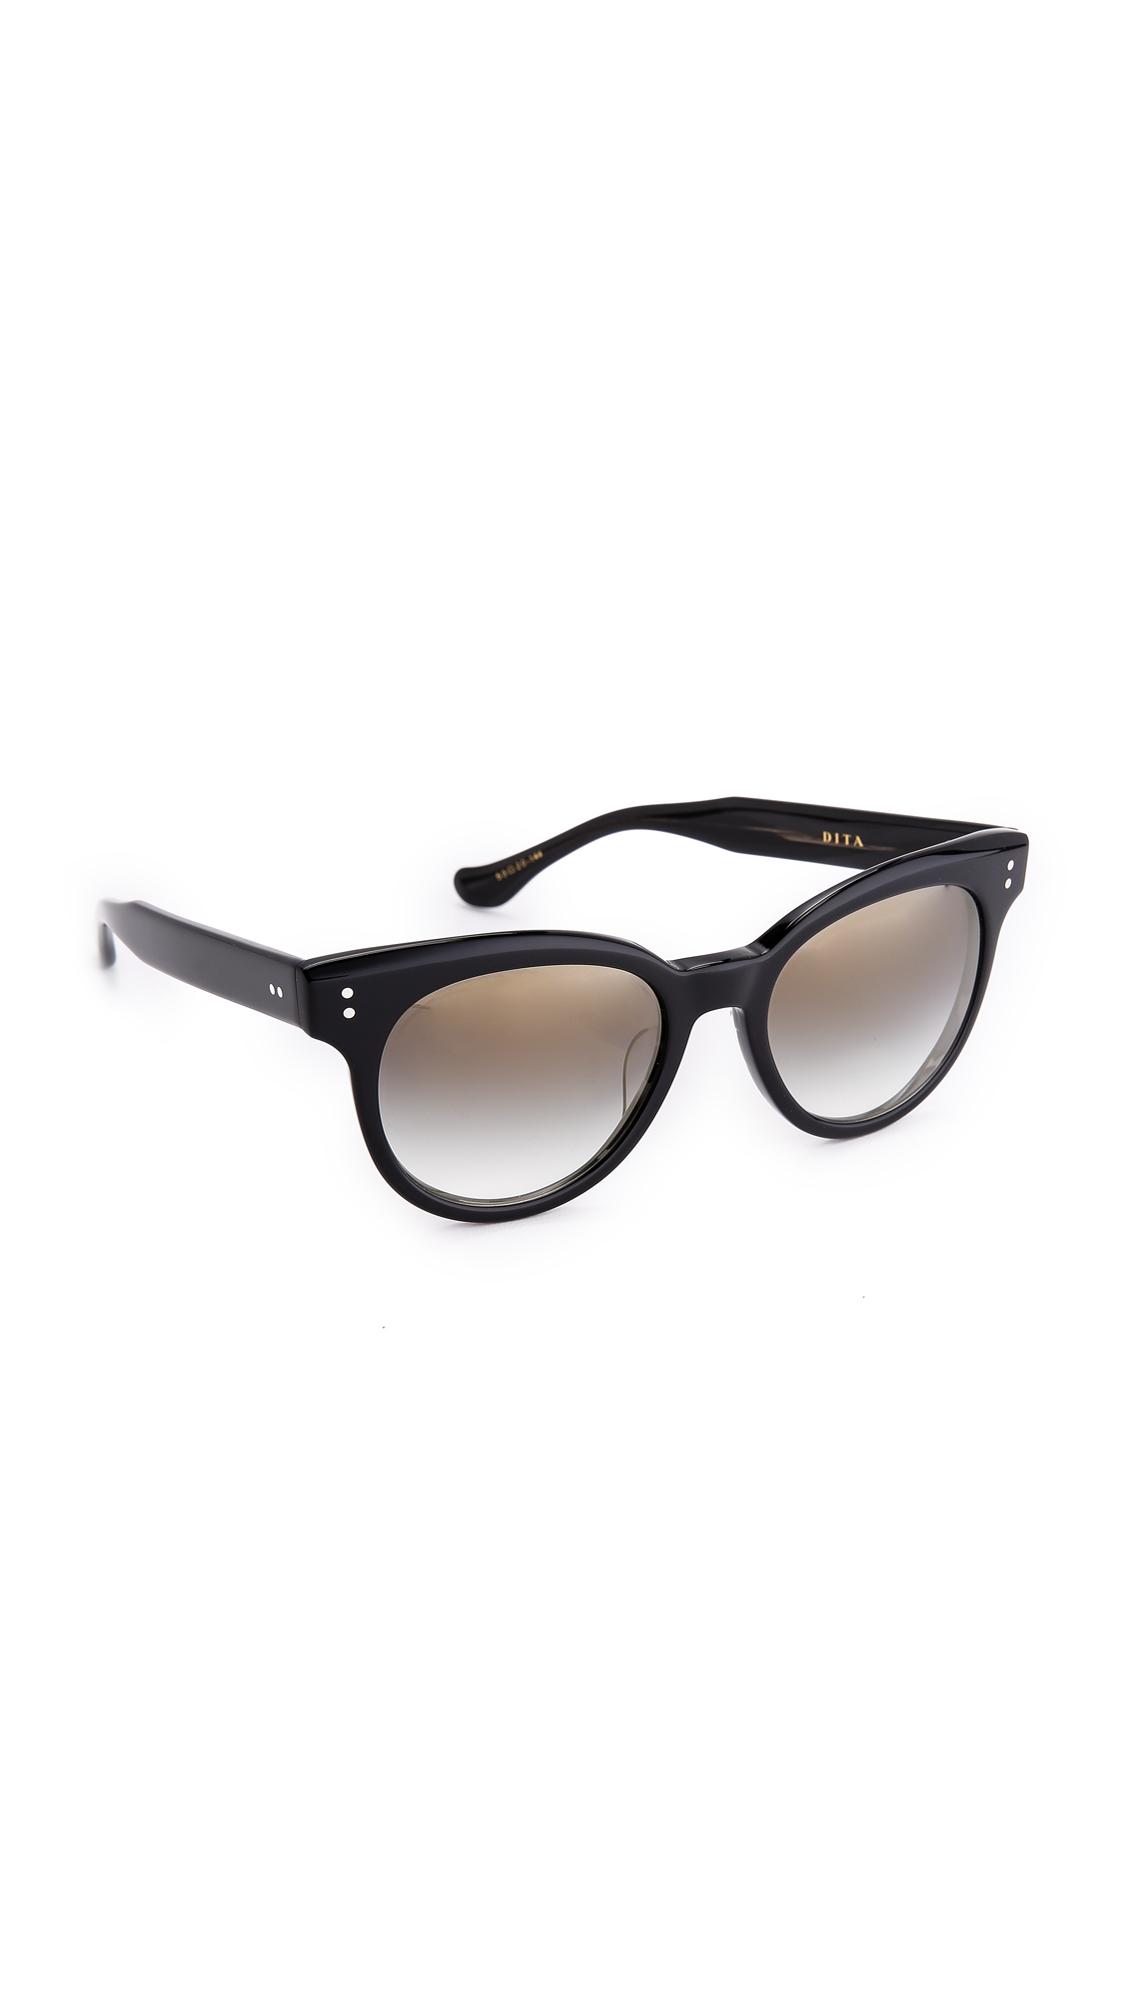 a42b4f5f6fcf Lyst - DITA Sunspot Sunglasses - Black grey Gradient in Black